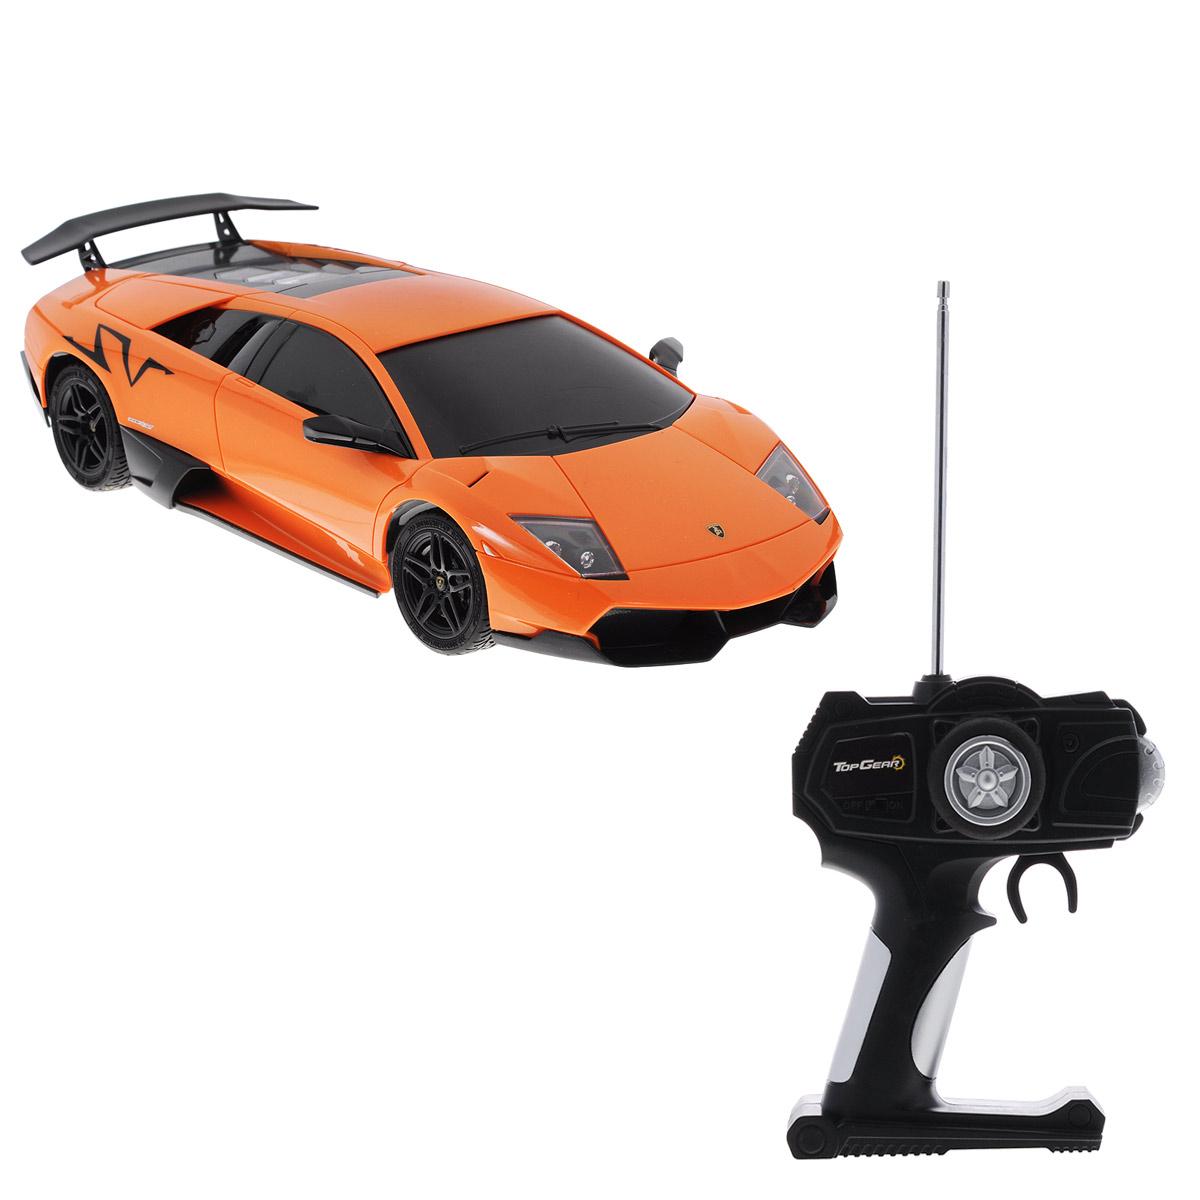 Радиоуправляемая модель автомобиля TopGear Lamborghini Murcielago LP 670-4, цвет: оранжевый. Масштаб 1/18Т56680_оранжевыйВсе мальчишки любят мощные крутые тачки! Особенно если это дорогие машины известной марки, которые, проезжая по улице, обращают на себя восторженные взгляды пешеходов. Радиоуправляемая модель TopGear Lamborghini Murcielago LP 670-4 - это детальная копия существующего автомобиля в масштабе 1:18. Машинка изготовлена из прочного легкого пластика; колеса прорезинены. При движении передние и задние фары машины светятся. При помощи пульта управления автомобиль может перемещаться вперед, дает задний ход, поворачивает влево и вправо, останавливается. Встроенные амортизаторы обеспечивают комфортное движение. В комплект входят машинка и пульт управления. Автомобиль отличается потрясающей маневренностью и динамикой. Ваш ребенок часами будет играть с моделью, устраивая захватывающие гонки. Для работы машины необходимо докупить 4 батарейки напряжением 1,5V типа АА (не входят в комплект). Для работы пульта управления необходимо докупить 2 батарейки напряжением...